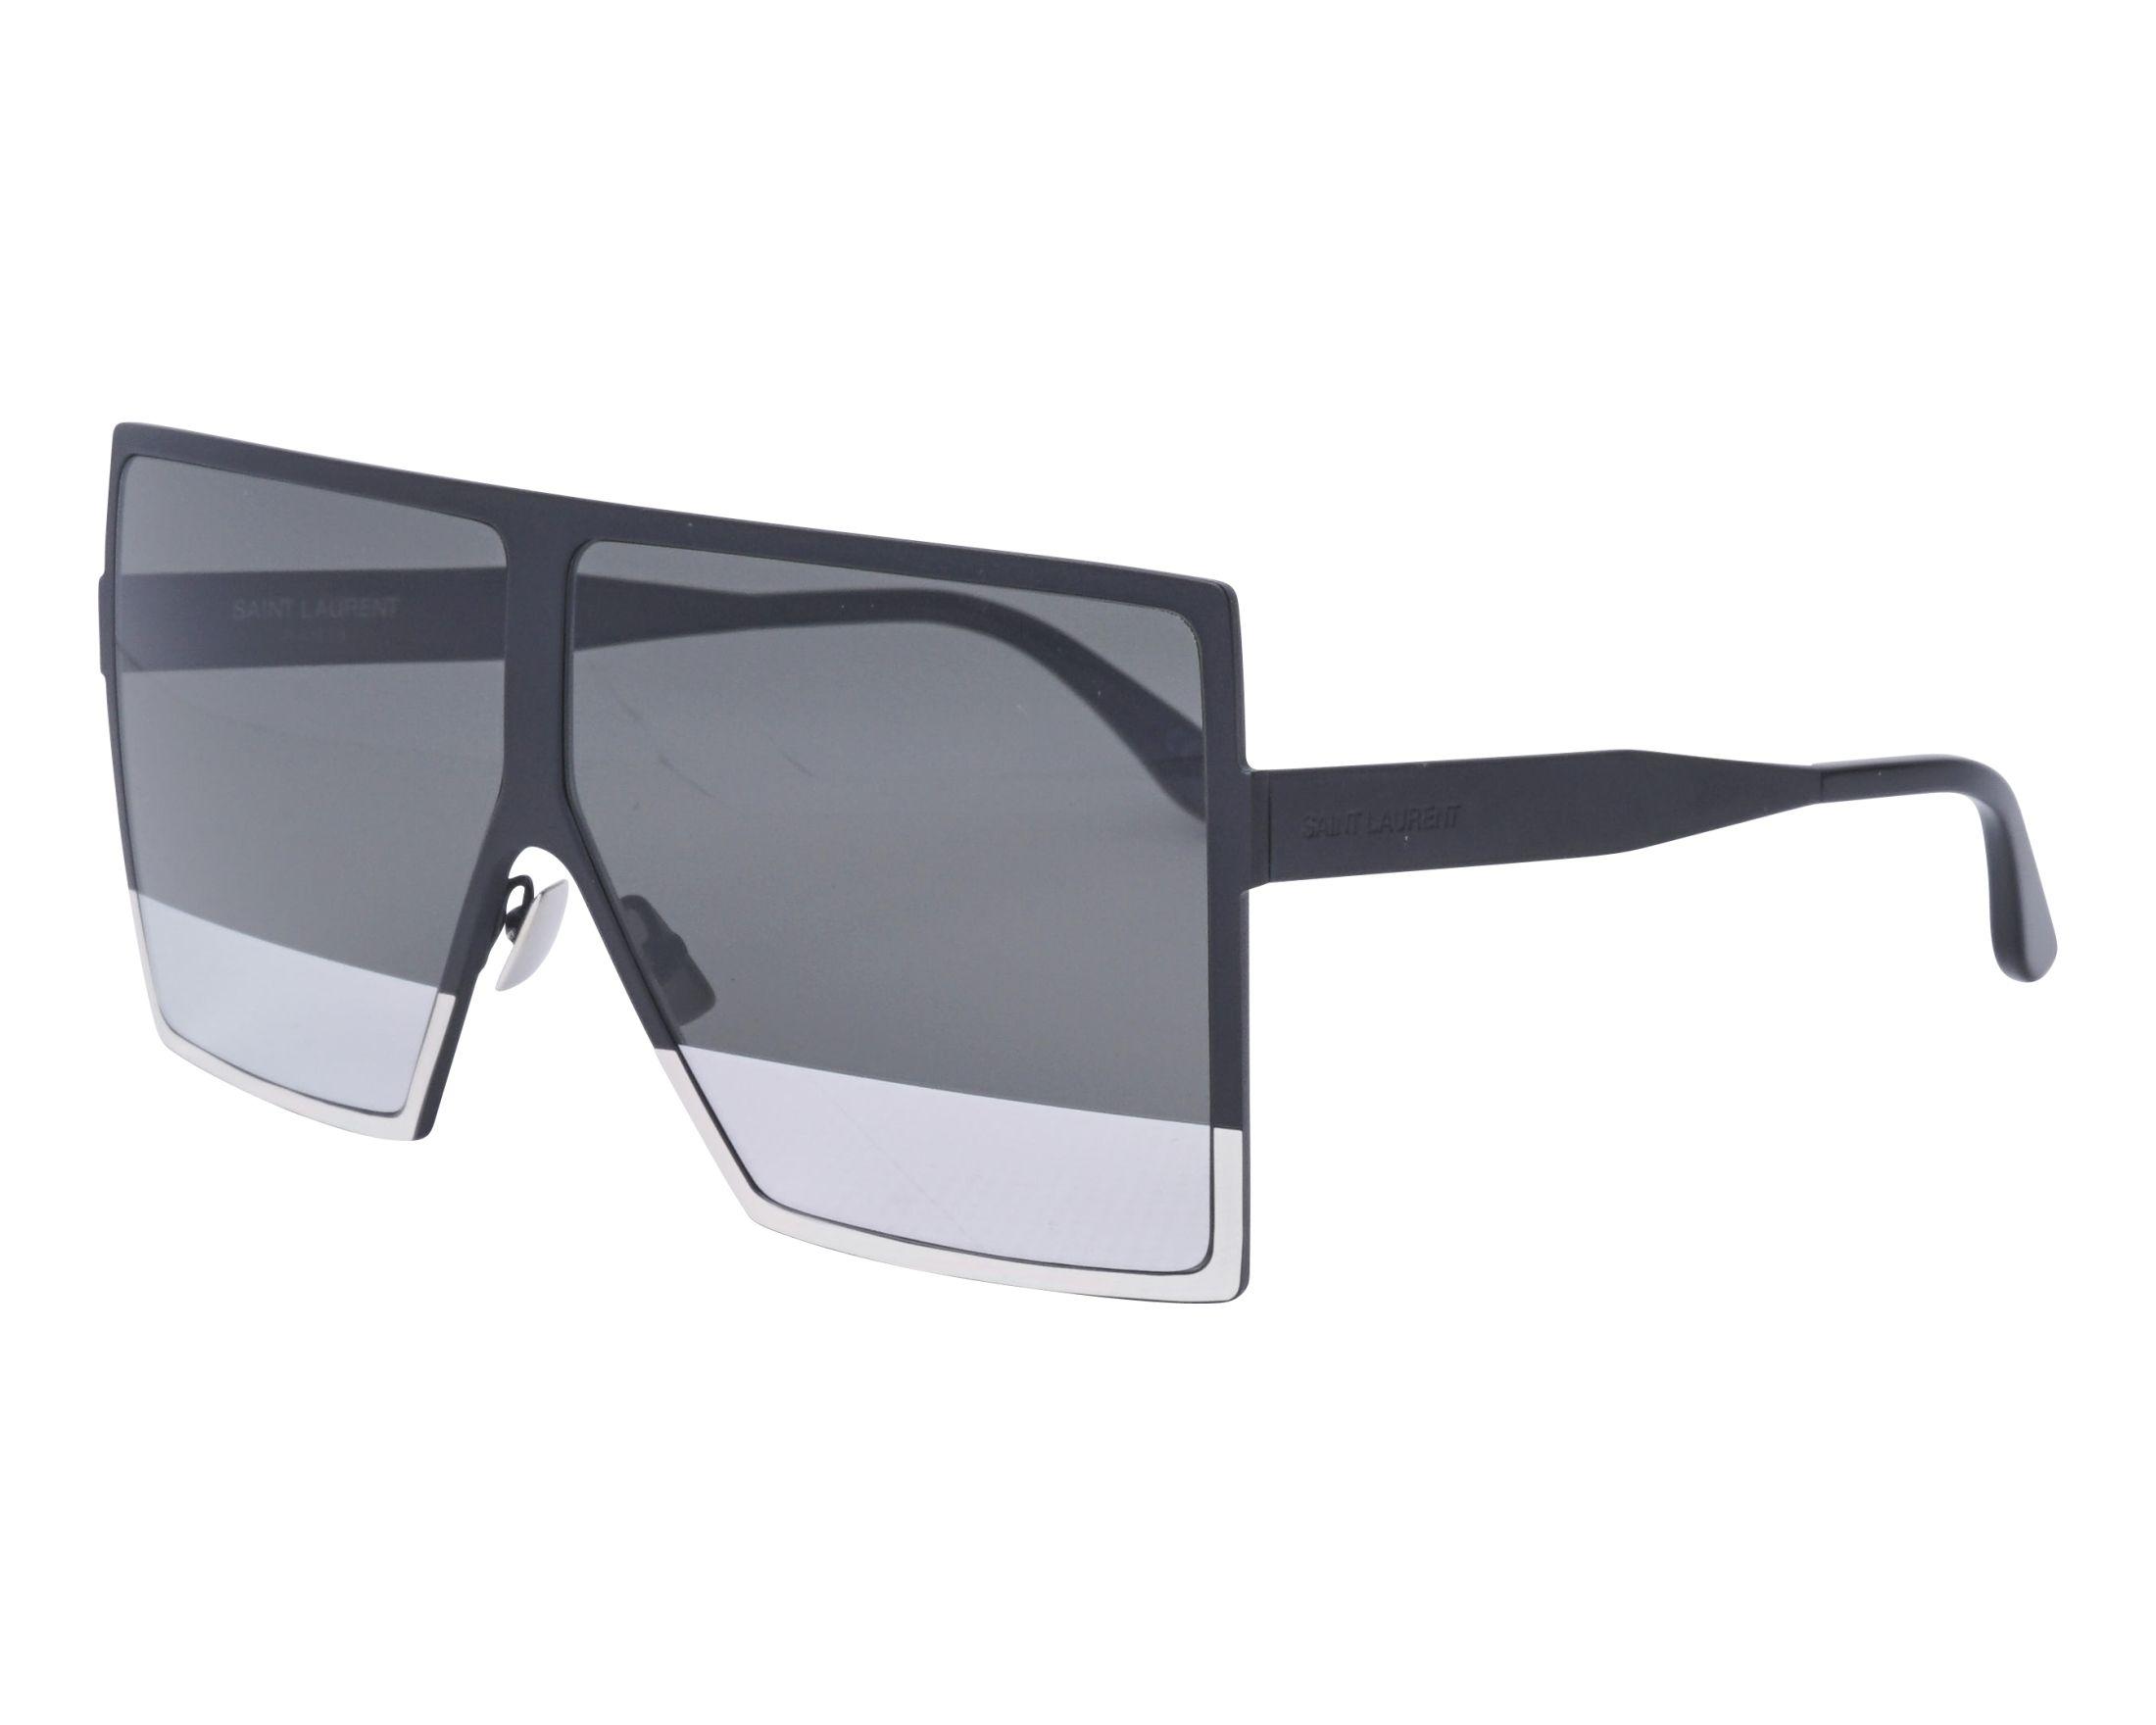 d2260a7a1c2 Sunglasses Yves Saint Laurent SL-182 003 63-6 Black Silver profile view